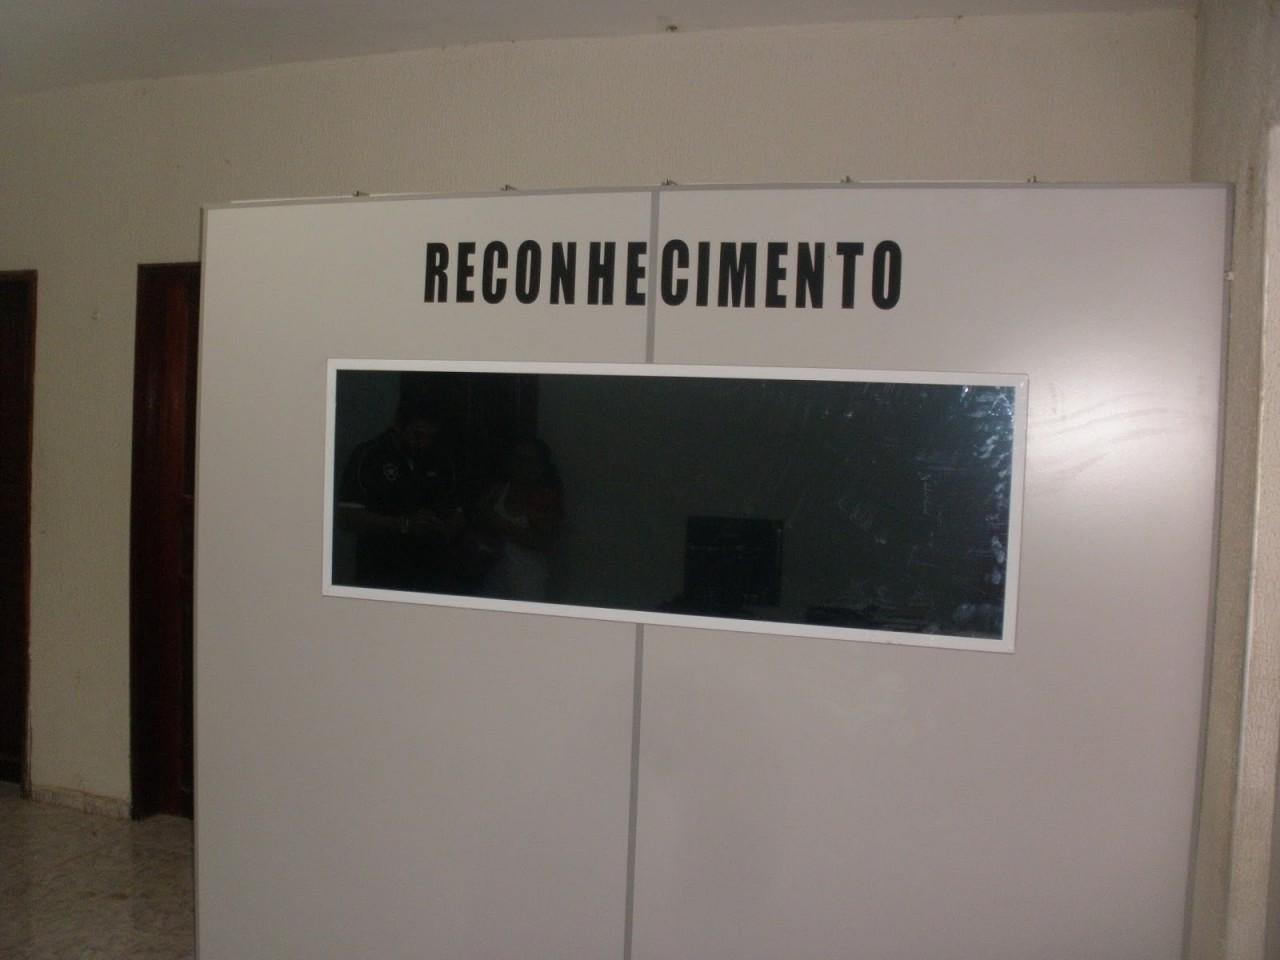 Sala do Reconhecimento da DPC de Ipu 2 - ELA NÃO OS RECONHECEU: Oitos suspeitos detidos após estupro coletivo em Santa Rita são liberados pela Polícia